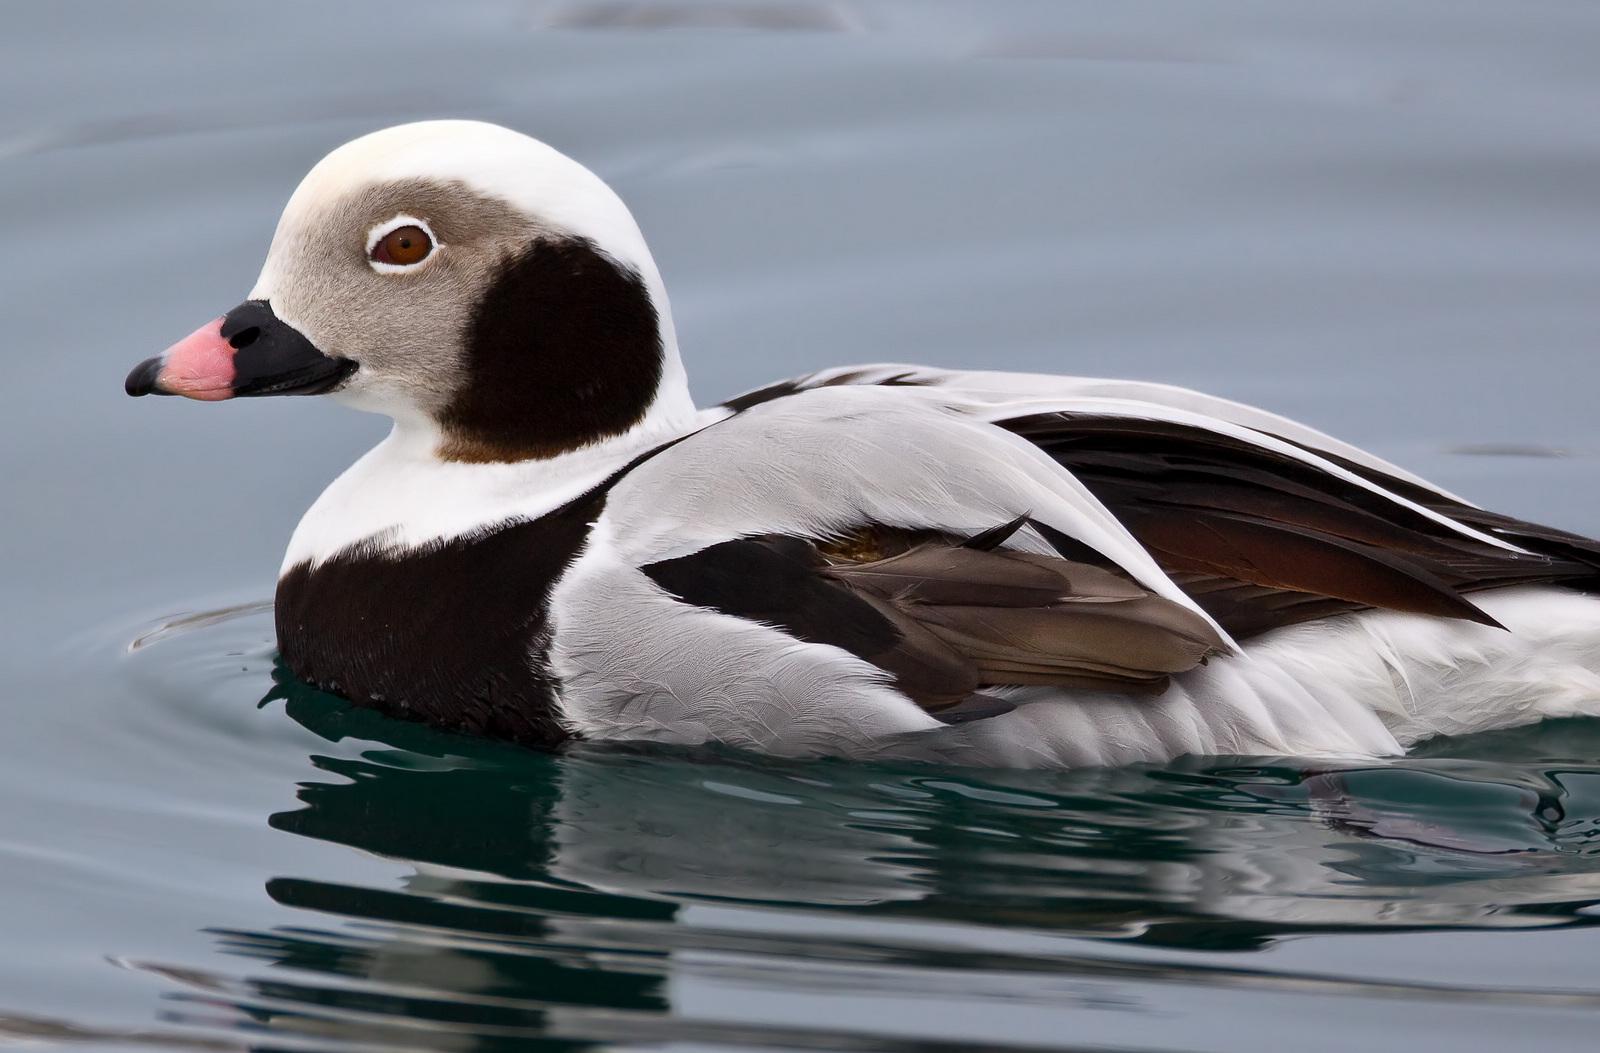 چگونه میتوان اردک دم دراز را تشخیص داد ؟